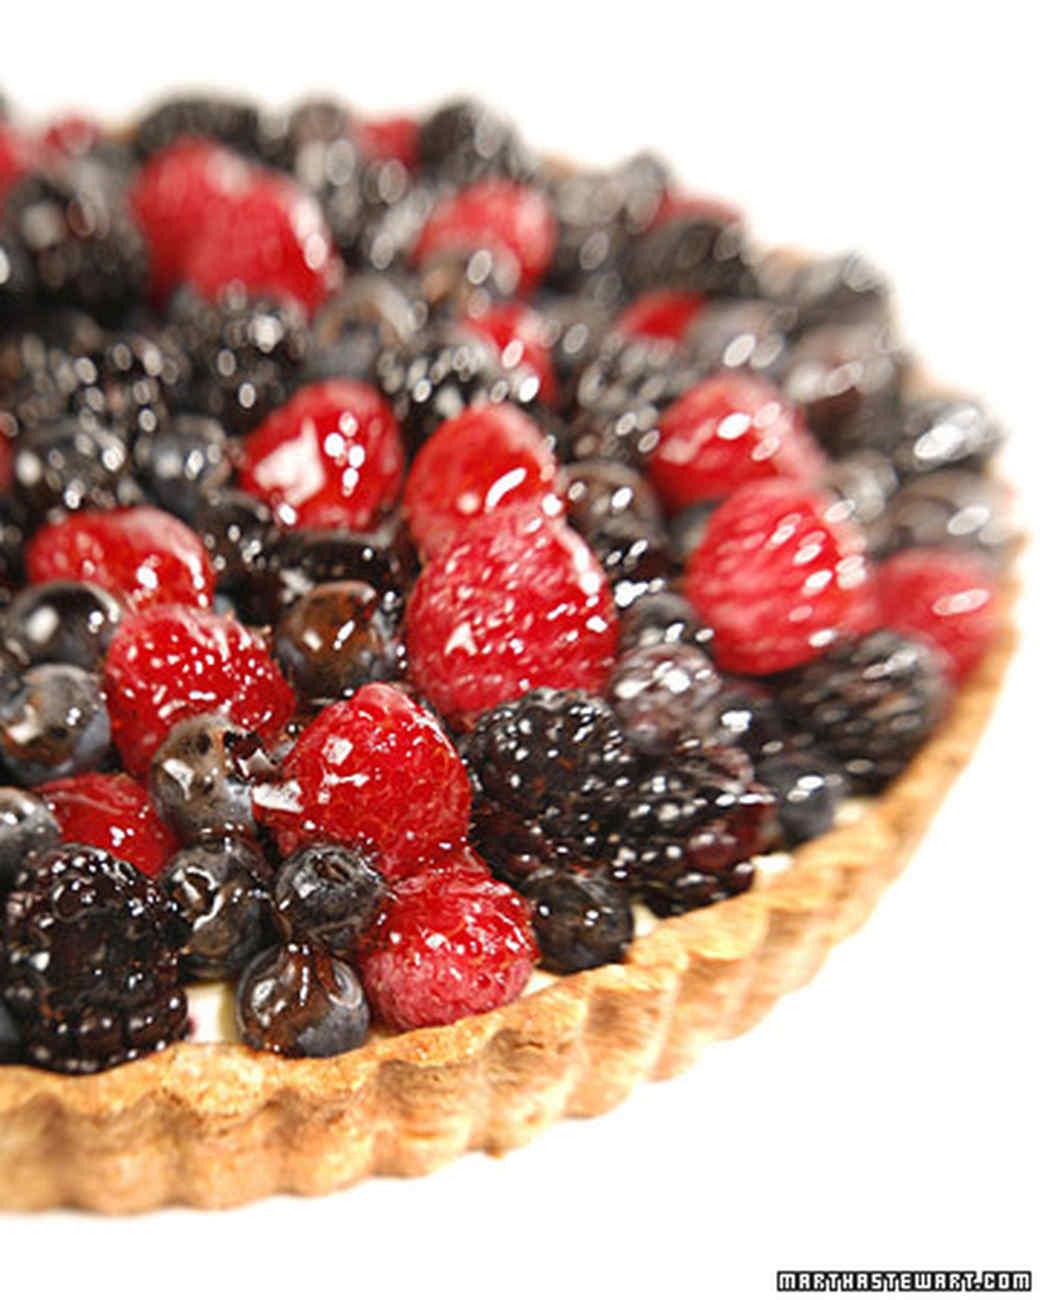 2118_recipe_tart_media_s.jpg